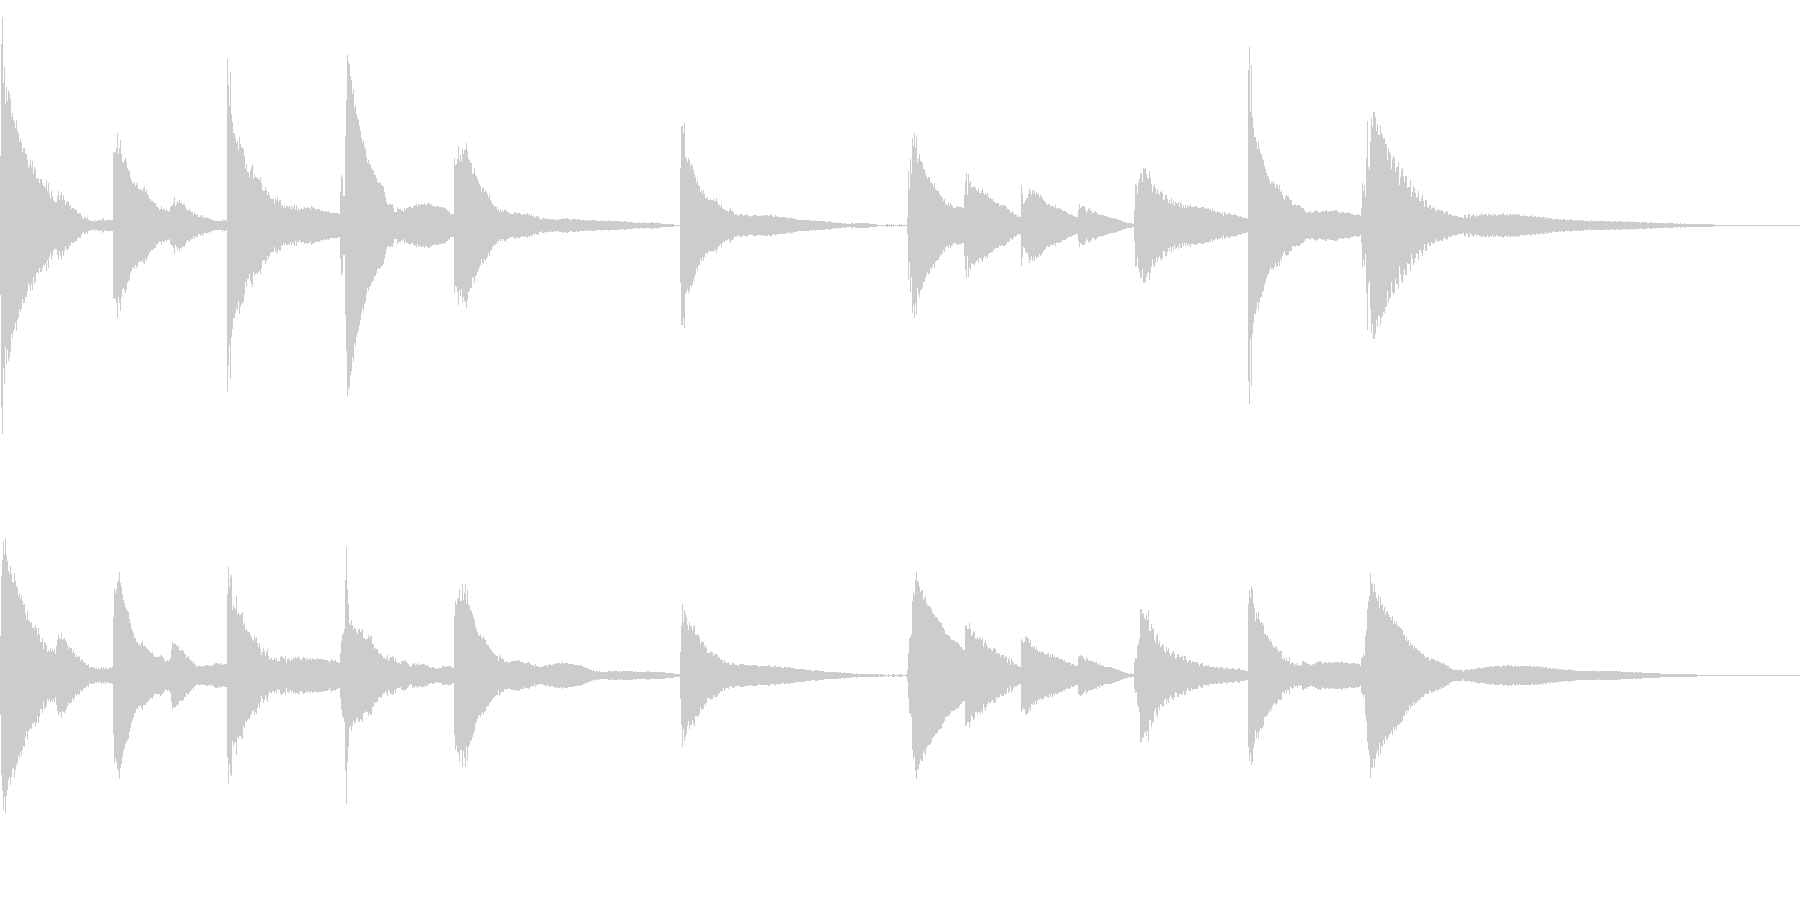 悲しみのBGMの未再生の波形